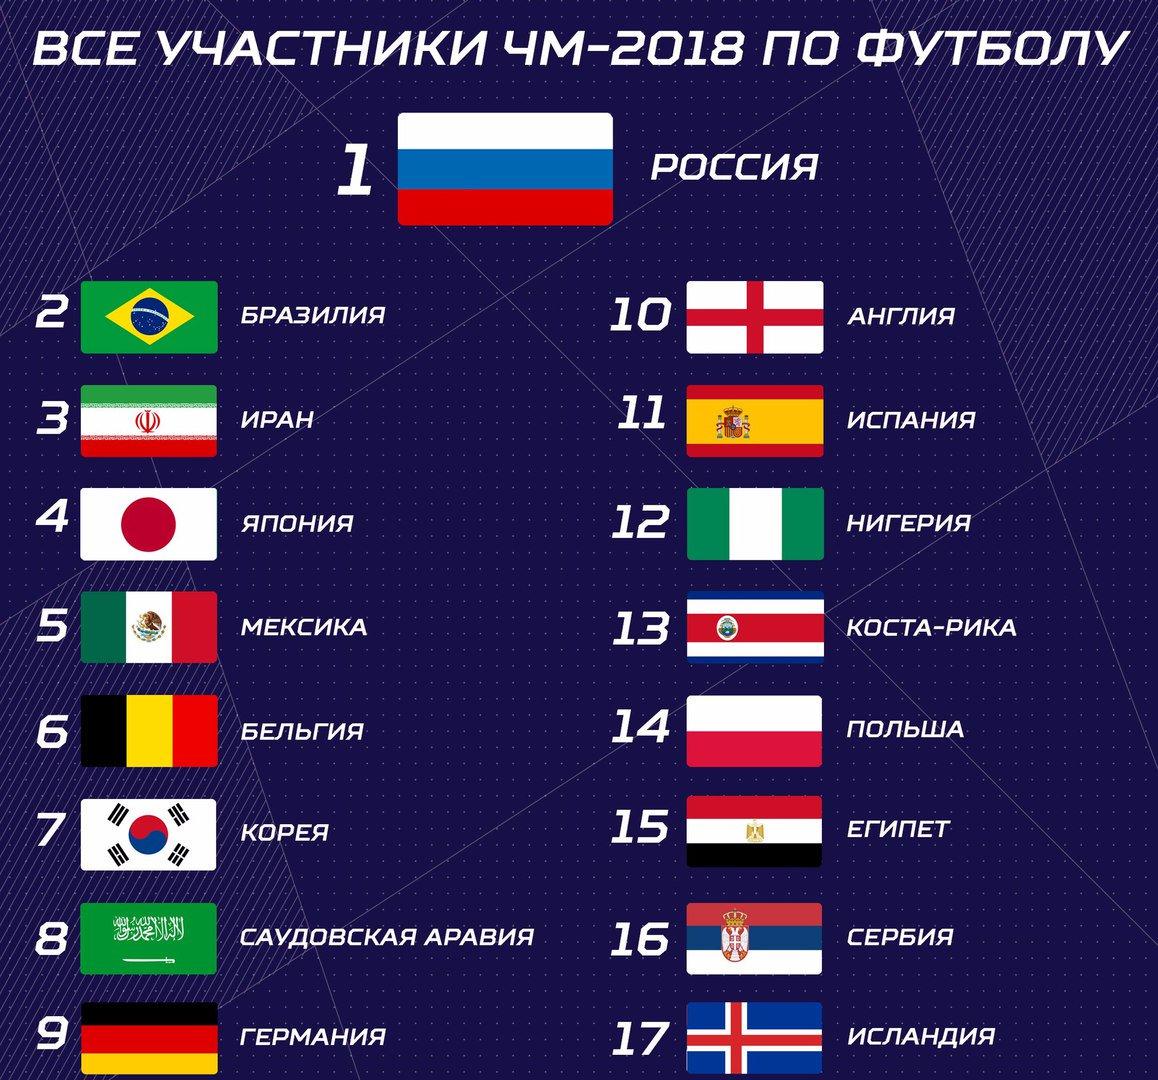 Какие команды будут участвовать в чемпионате мира по футболу 2018